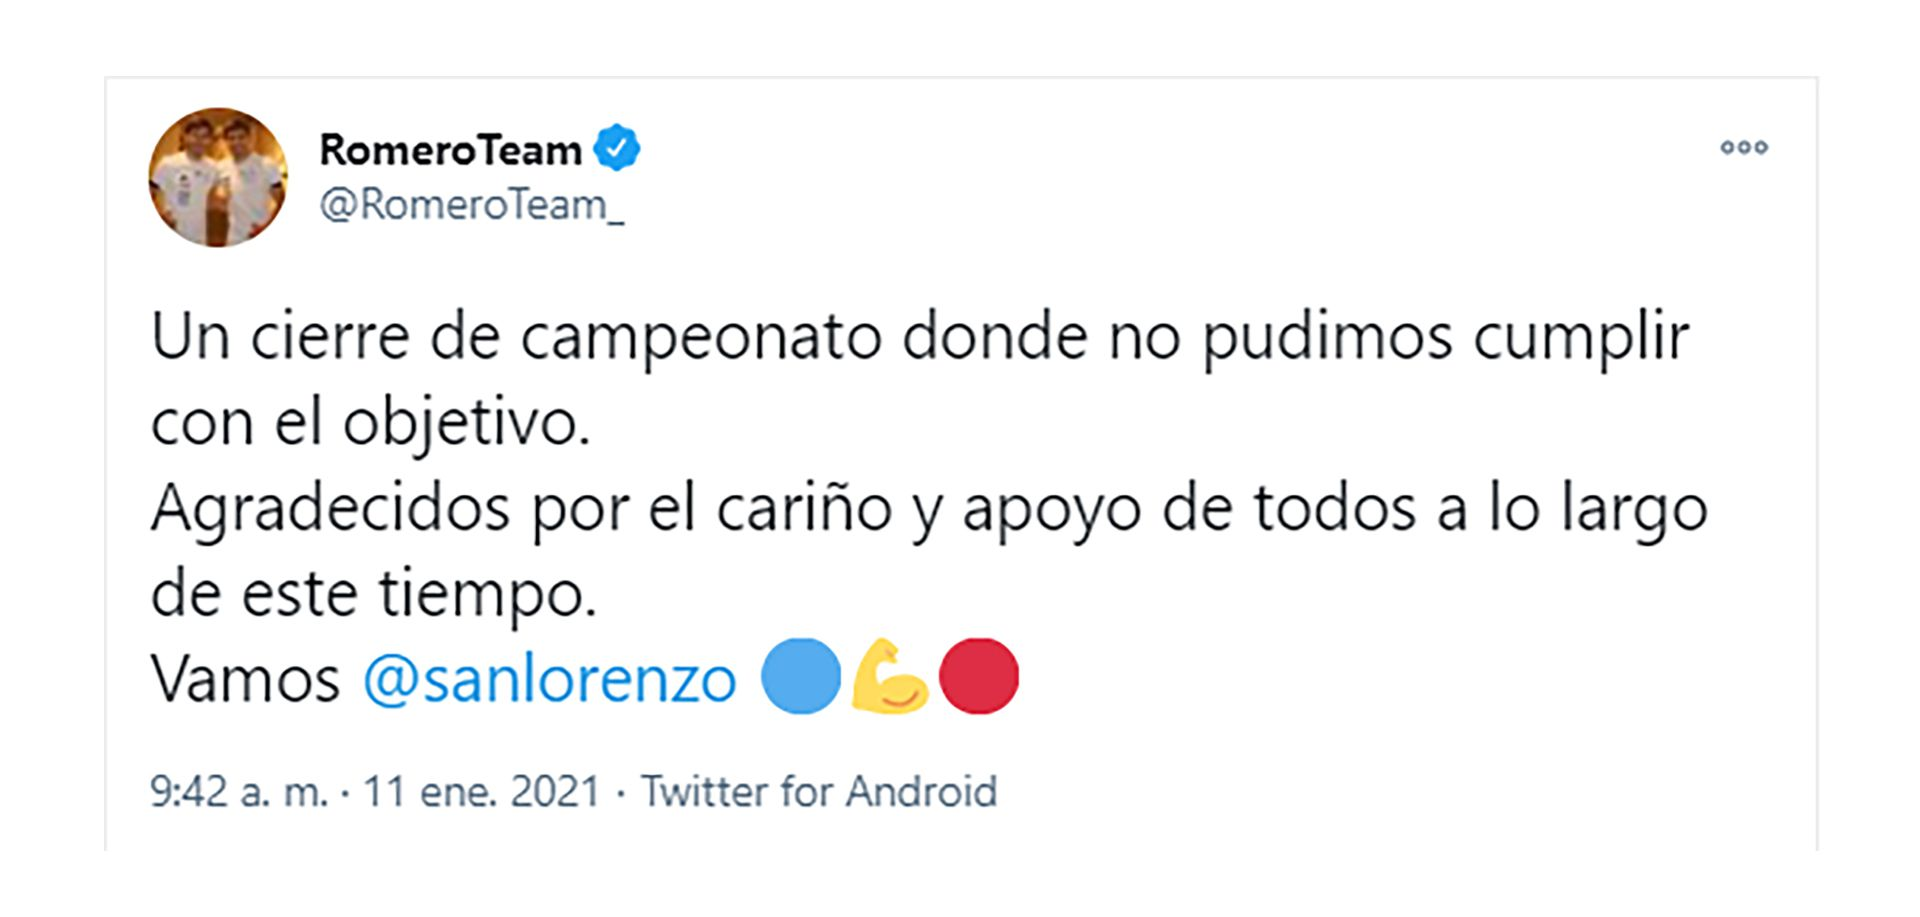 Tuit de los hermanos Romero